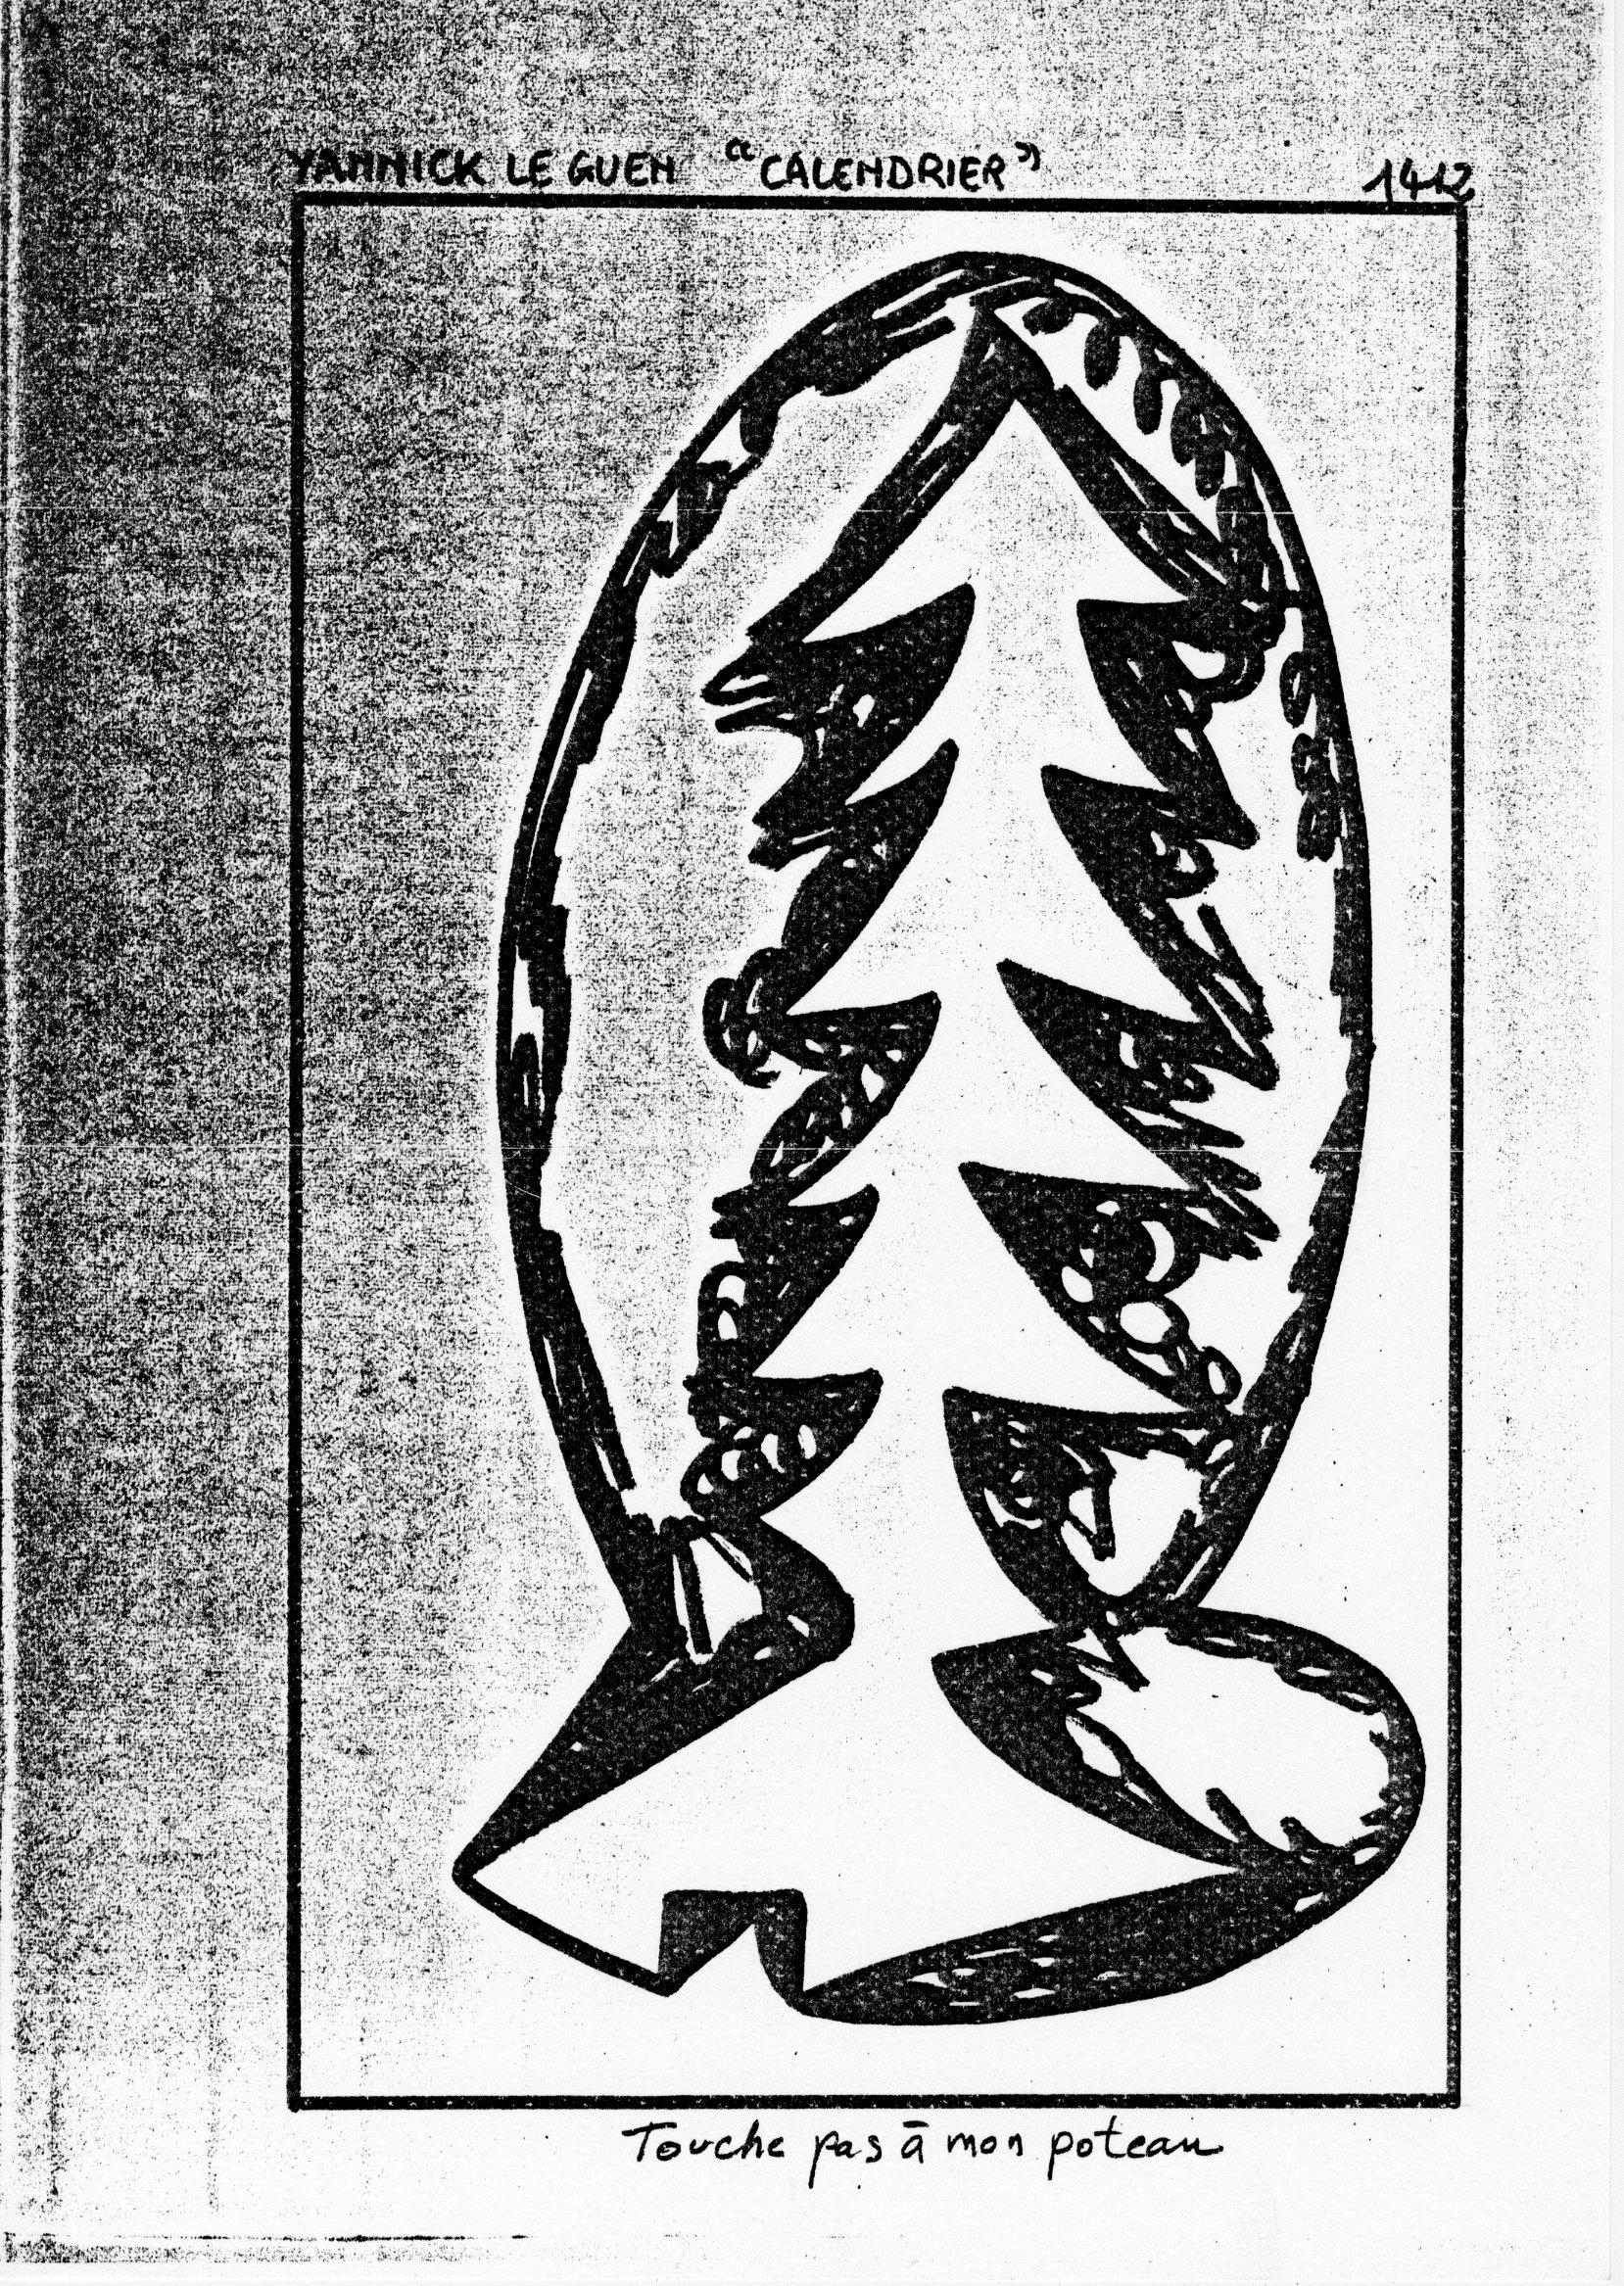 page 1412 Y. Leguen CALENDRIER